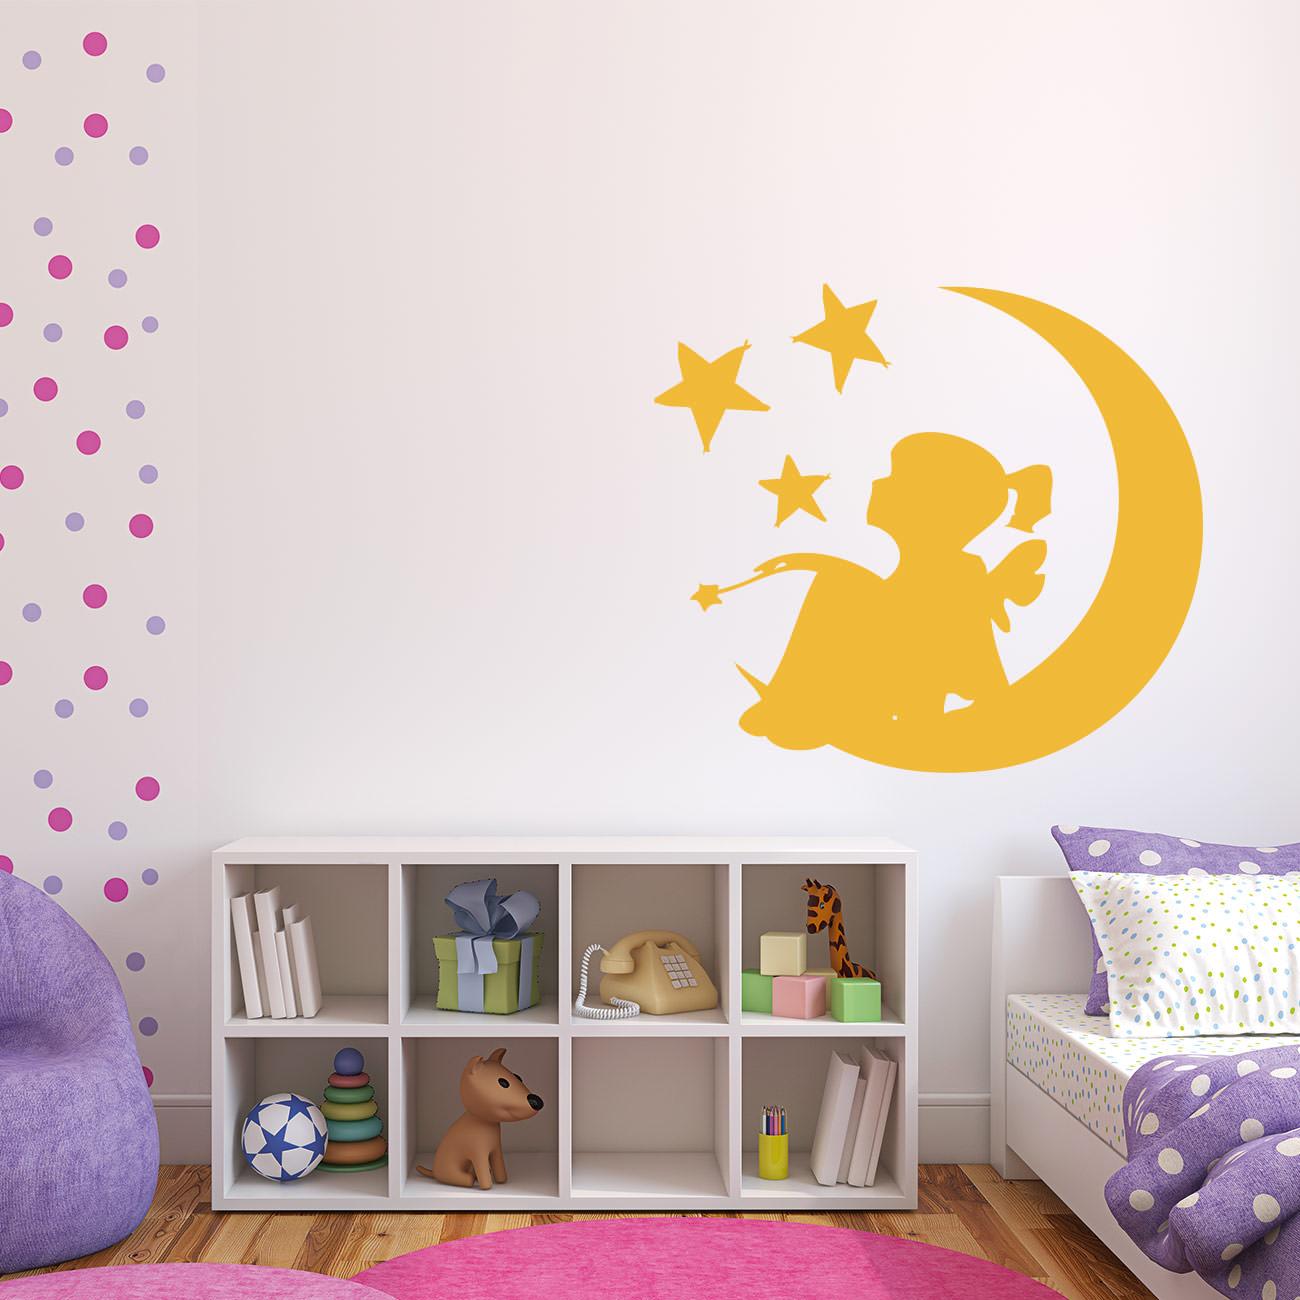 mondkind mondengel f r wohnzimmer kinderzimmer wandtattoo sunnywall online shop. Black Bedroom Furniture Sets. Home Design Ideas